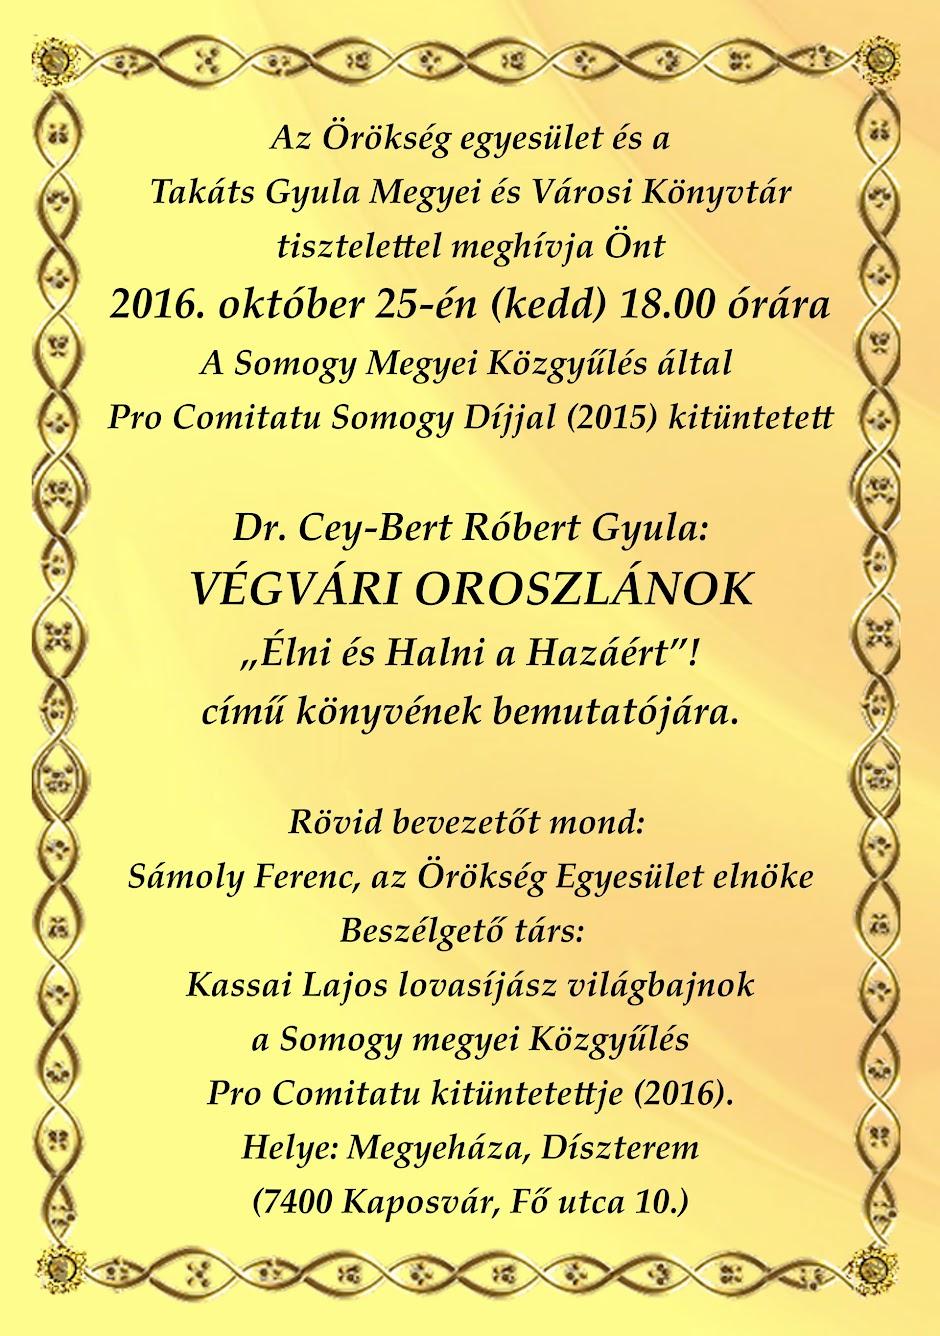 Cey-Bert Róbert Gyula: Végvári oroszlánok meghívó